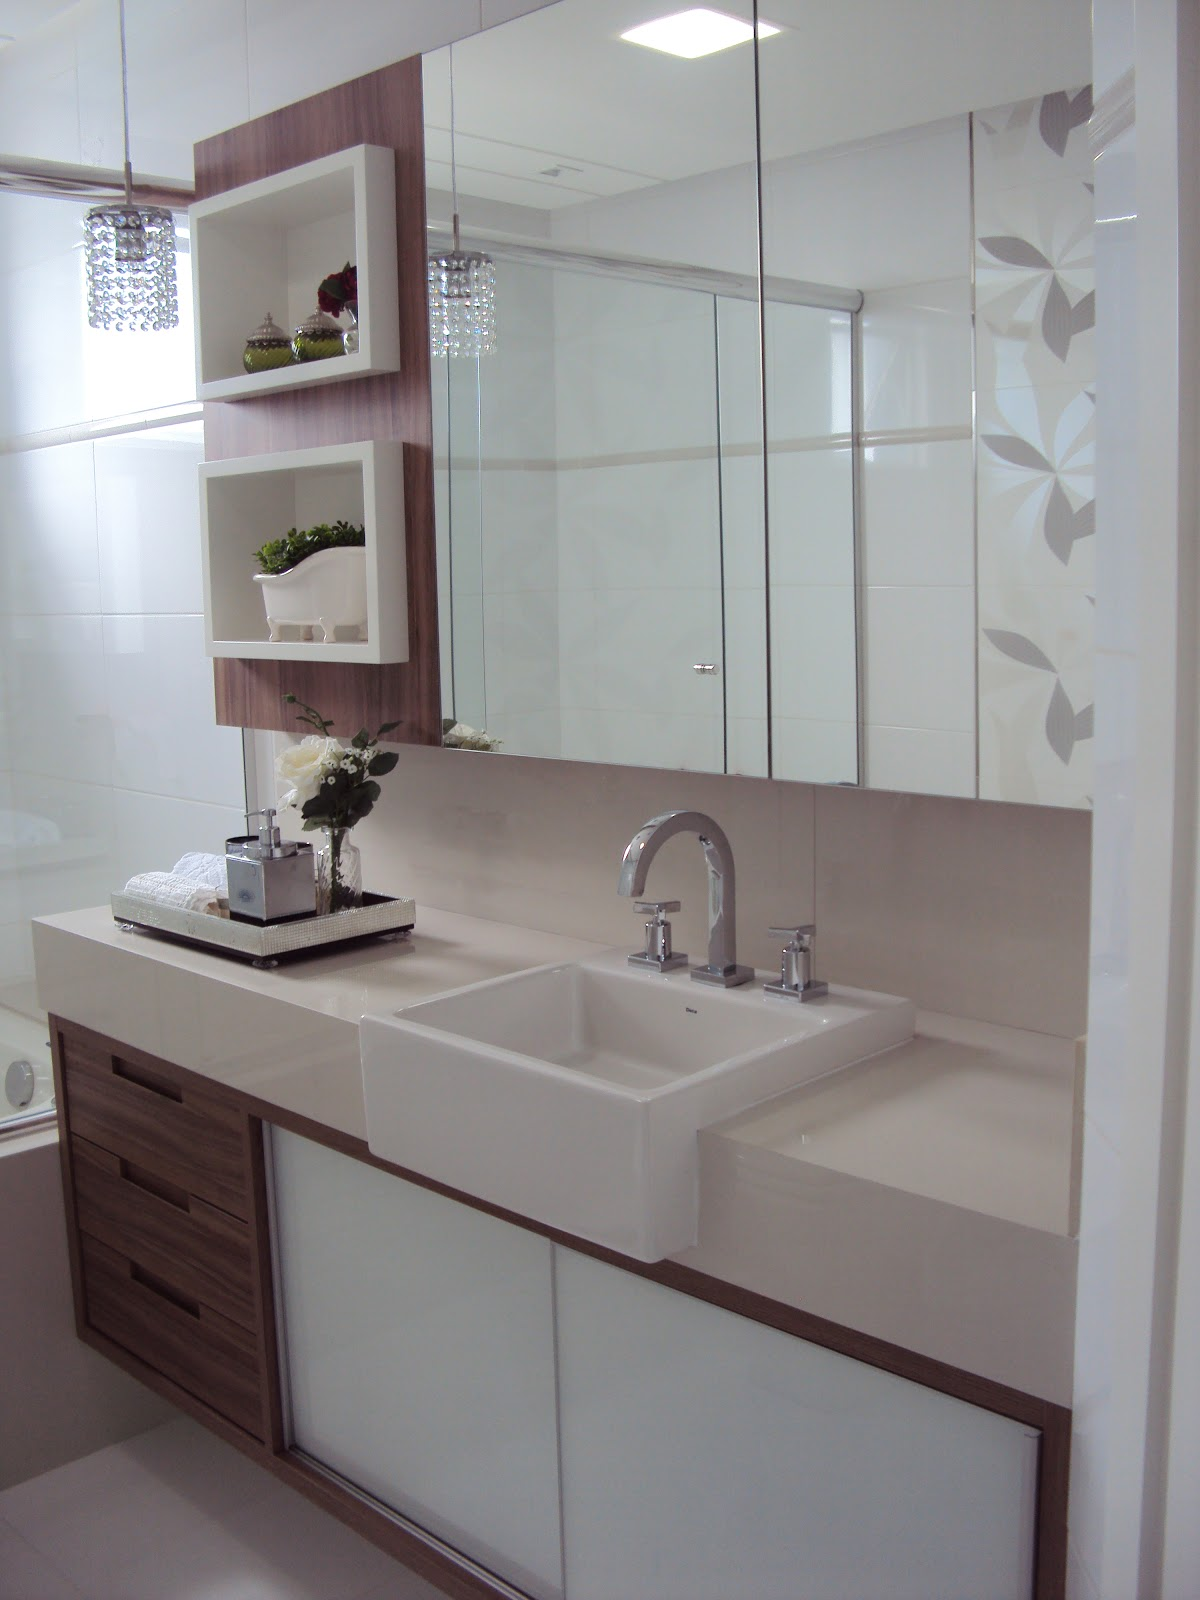 Já no banho do casal o balcão é todo fechado para acomodar toalhas  #3C2C2C 1200x1600 Arquitetura Banheiro Social